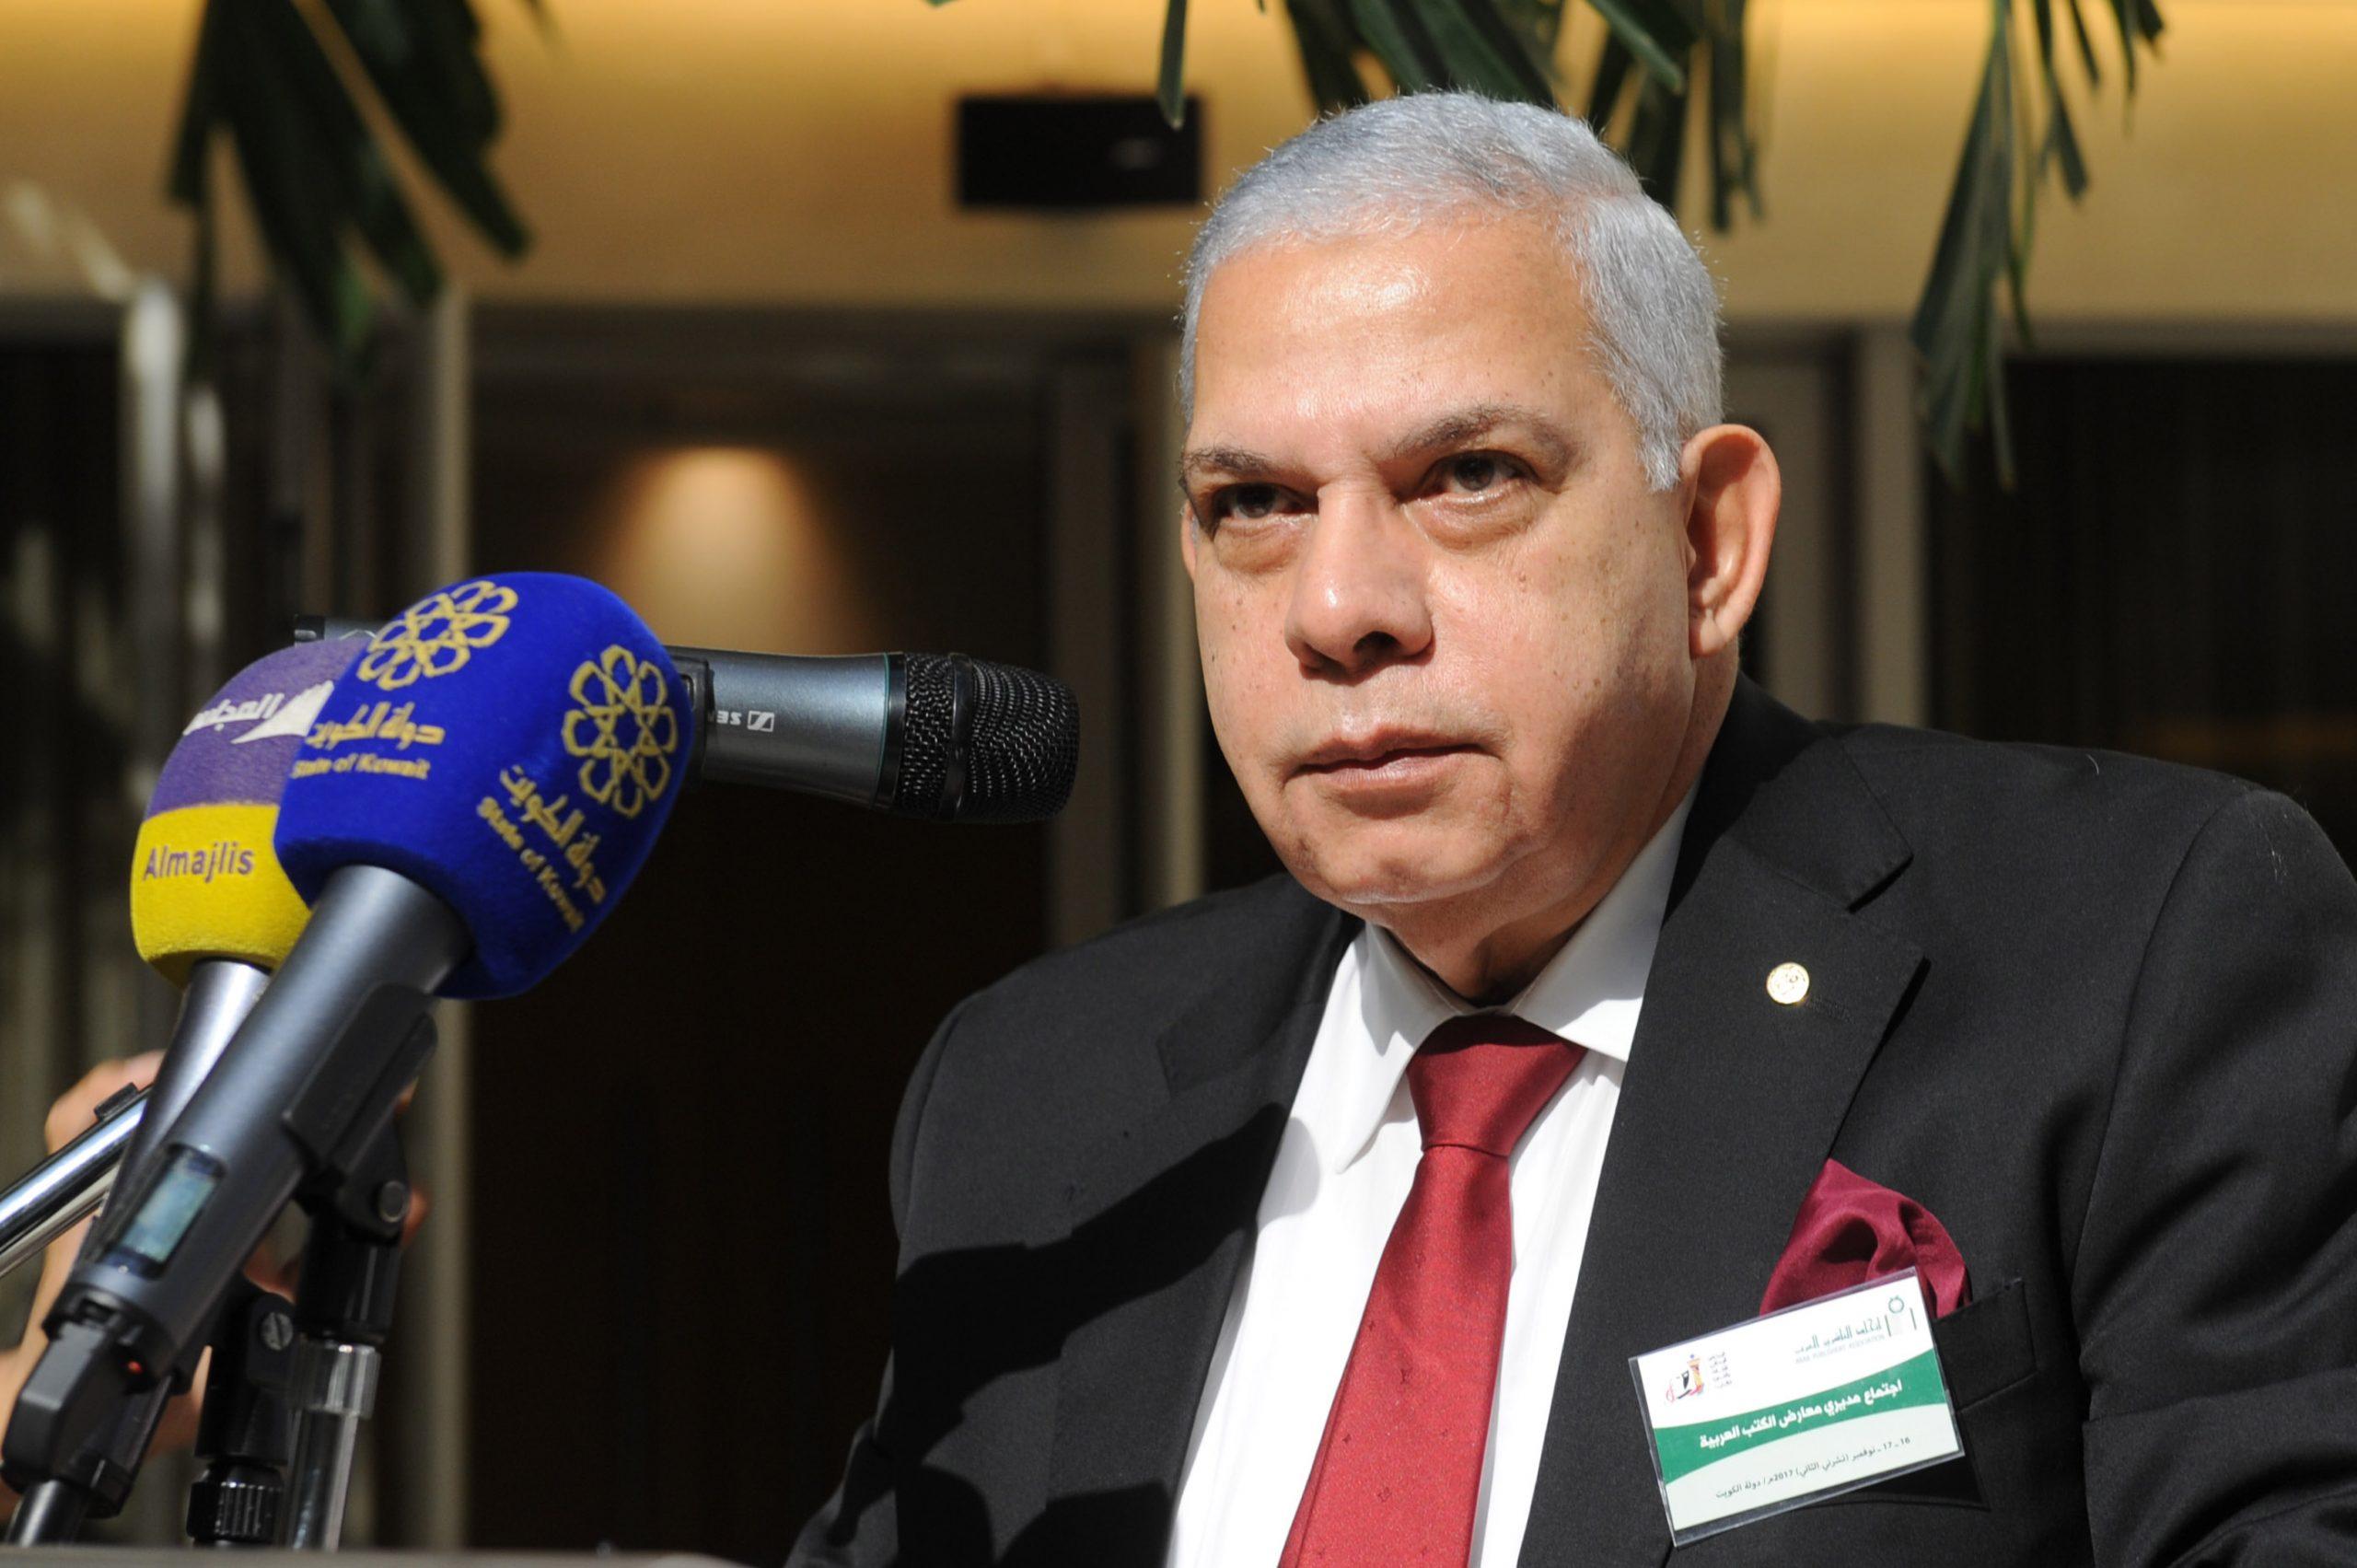 محمد راشد، رئيس اتحاد الناشرين العرب